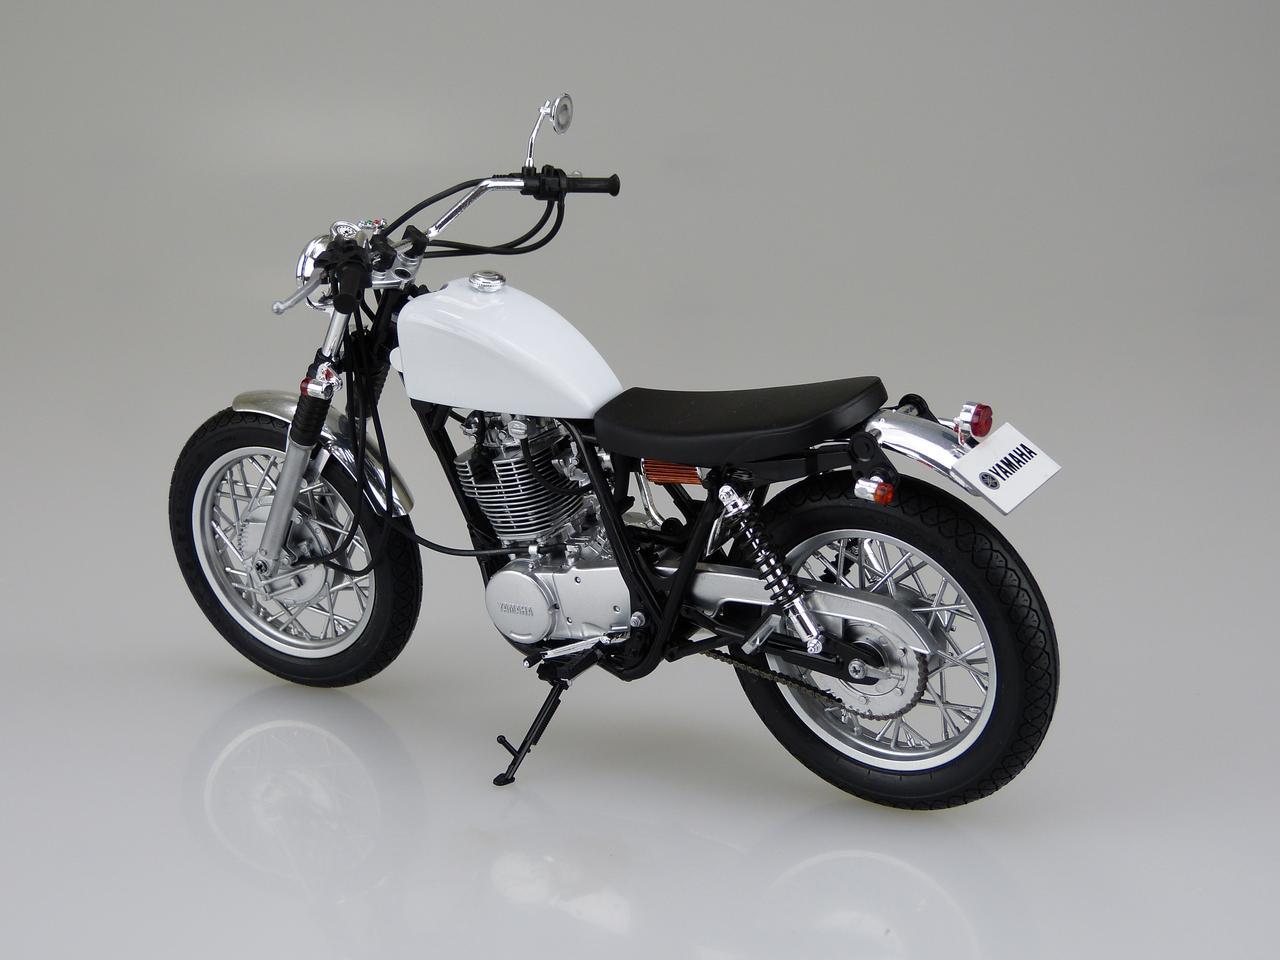 画像2: 1/12 バイク No.11 ヤマハ SR400S カスタムパーツ付き ■価格:2600円(税抜)※2016年5月発売予定